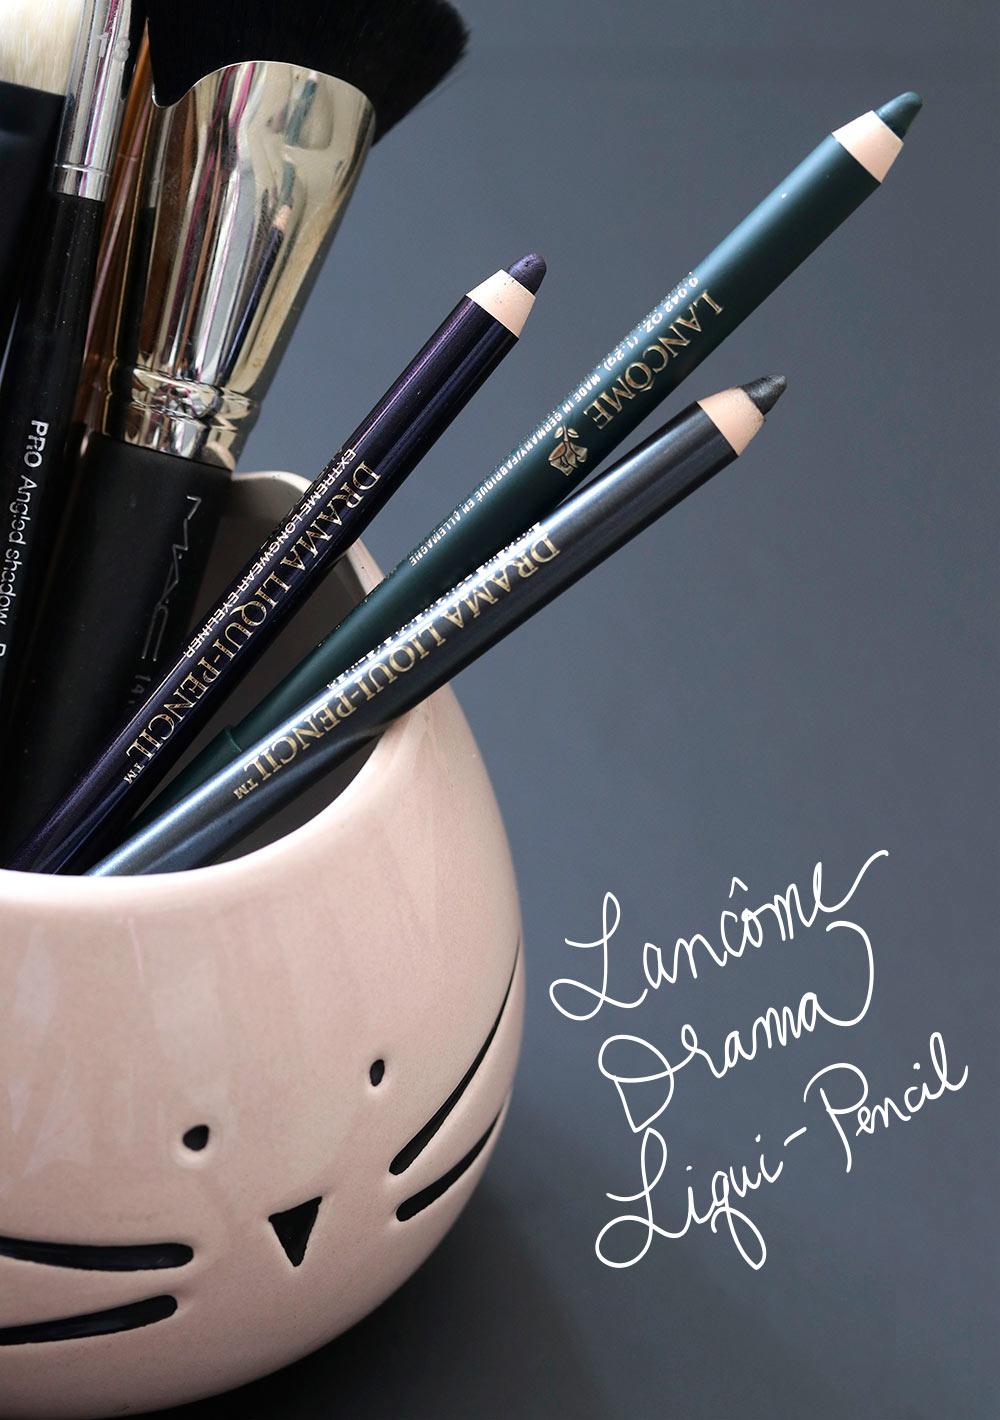 lancome drama liqui pencil review